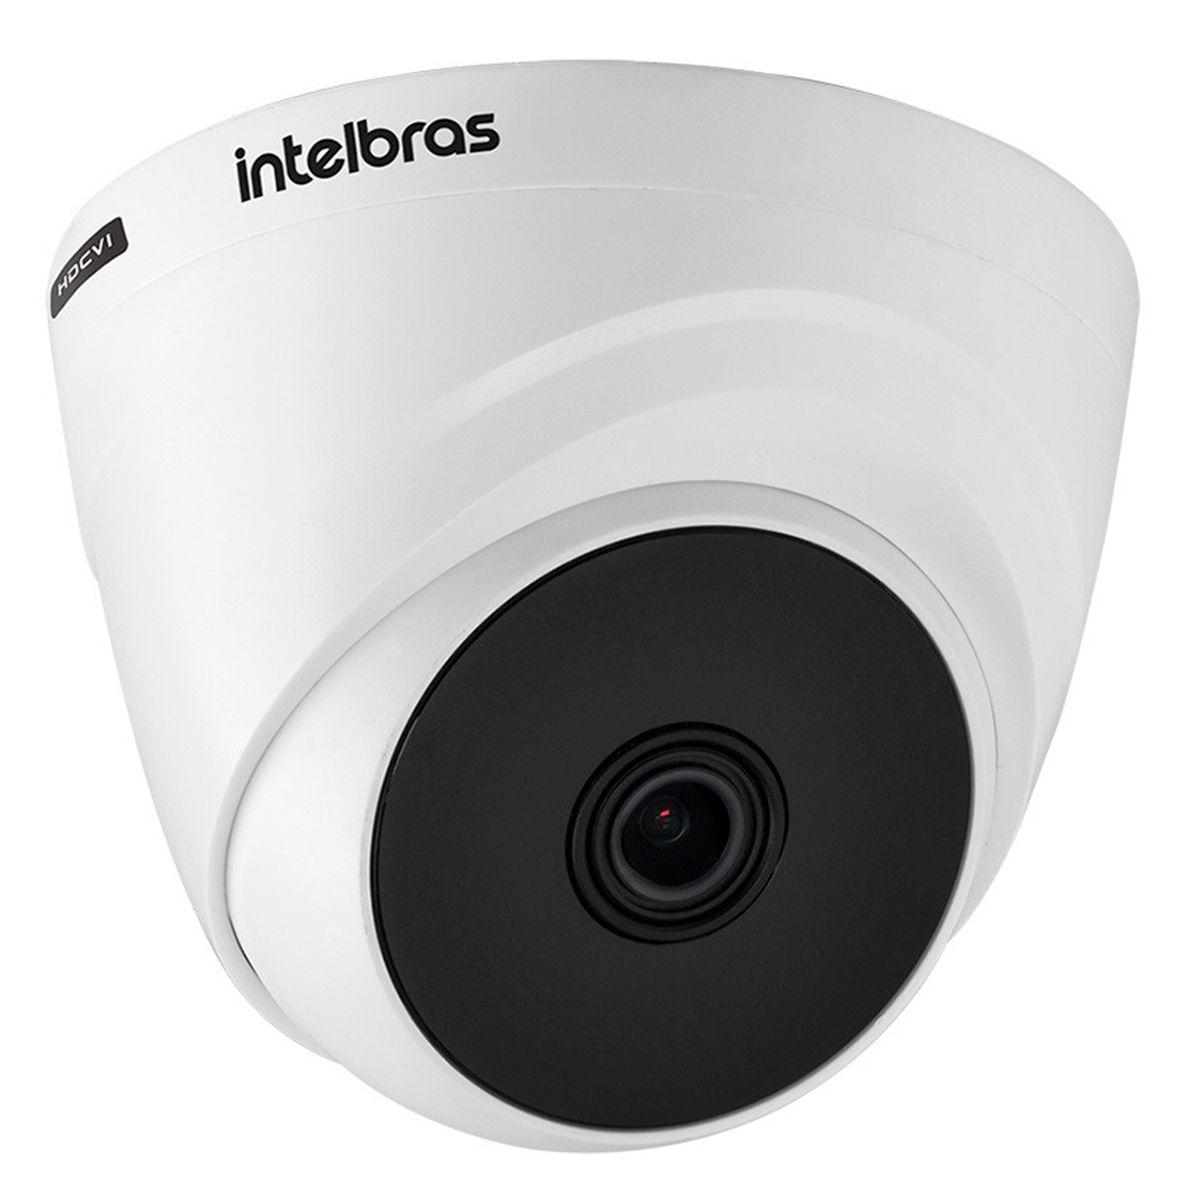 Câmera Intelbras VHL 1120 D, HD 720p, Dome, Lente 3,6mm, Alcance de 20 Metros  - Tudo Forte